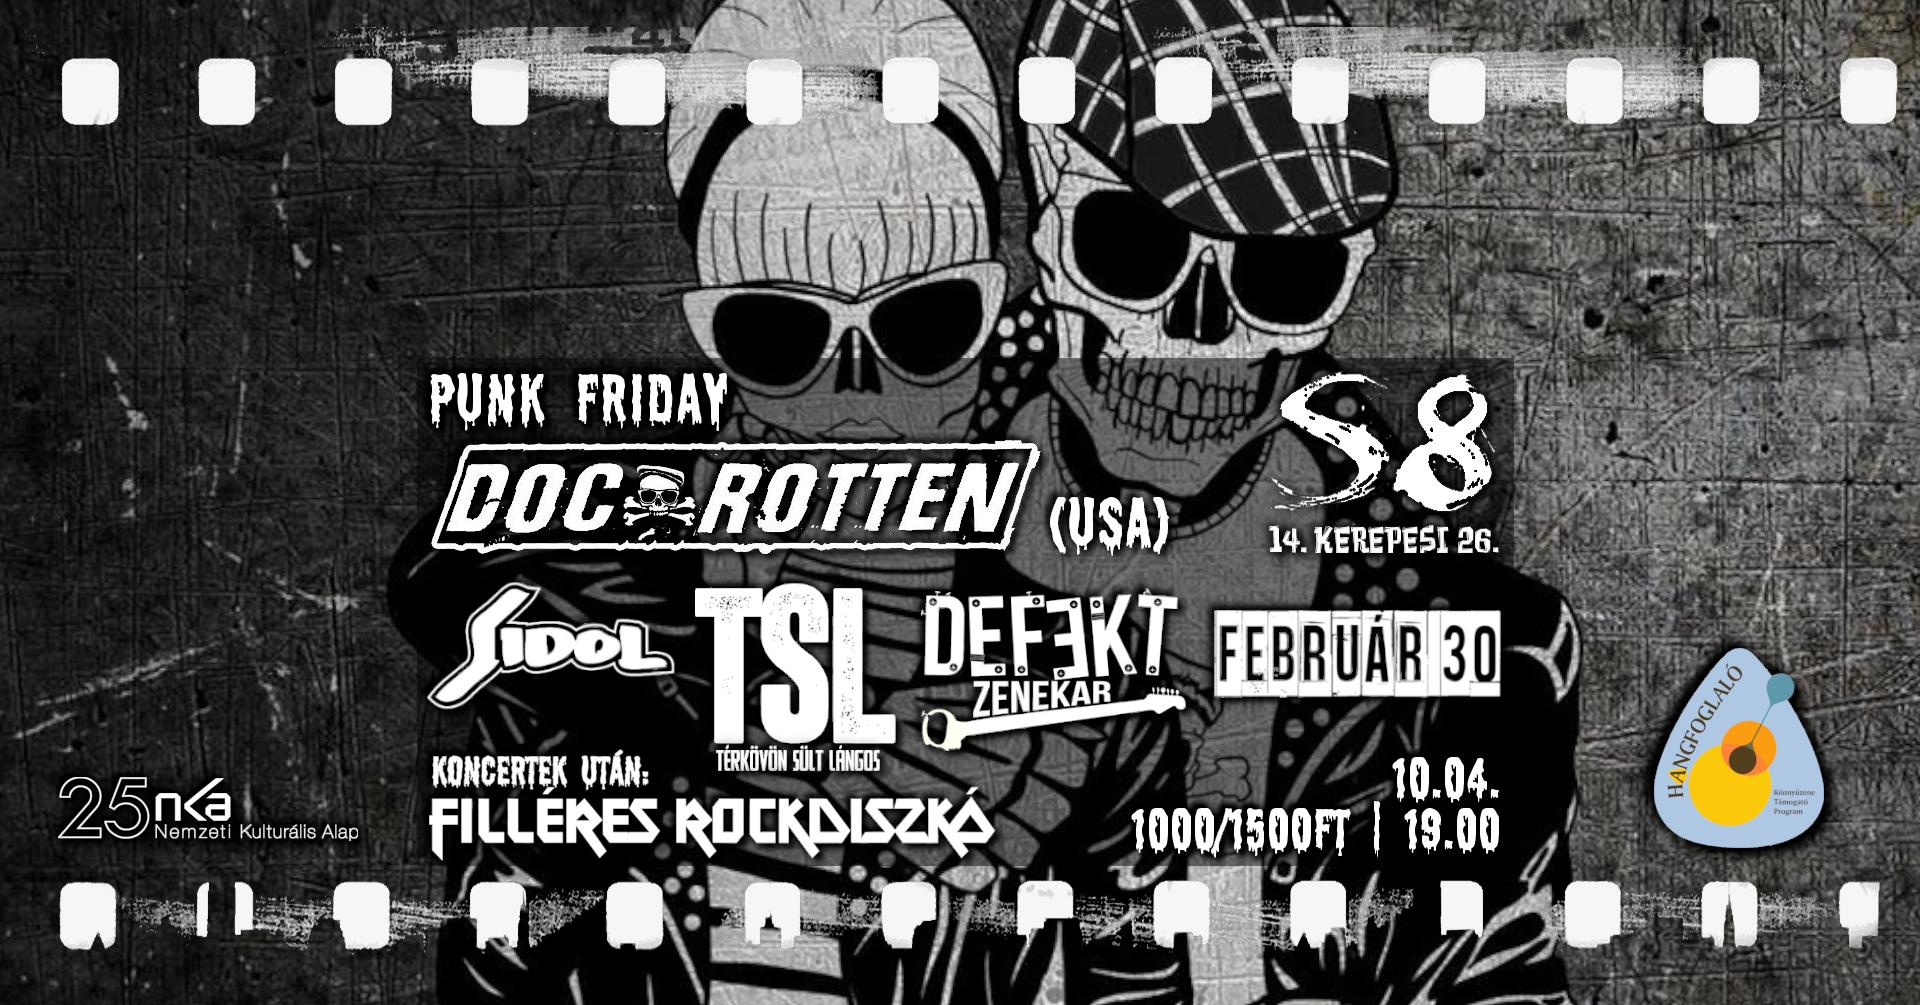 Punk Friday - S8 I Doc Rotten [USA]